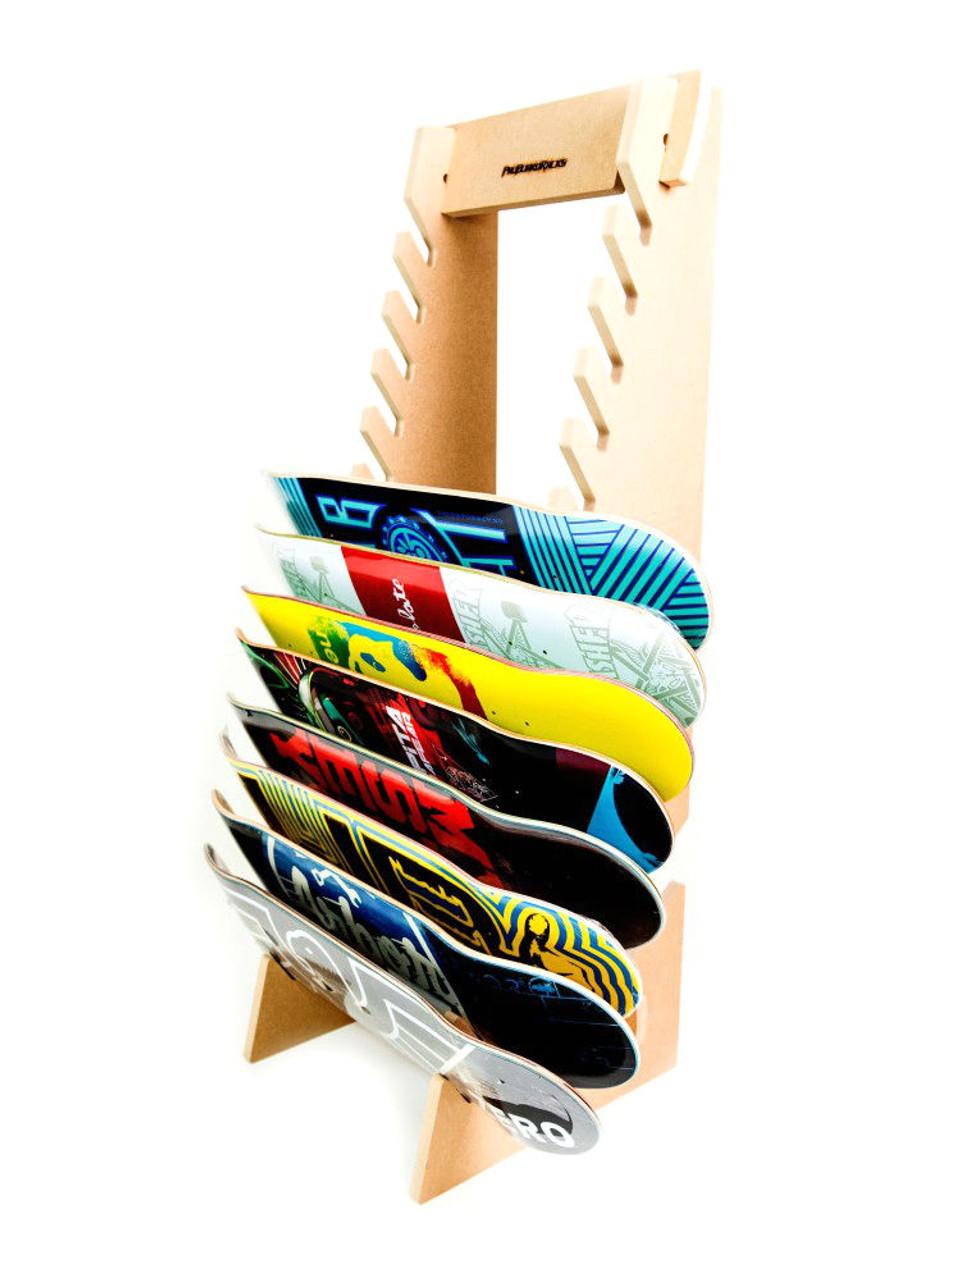 freestanding skateboard rack used for skate shops